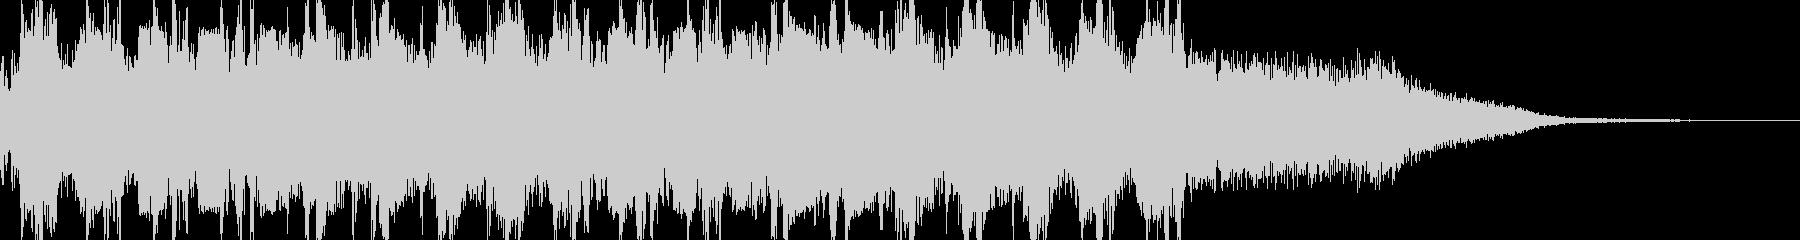 マシンガン(ドドドド)の未再生の波形